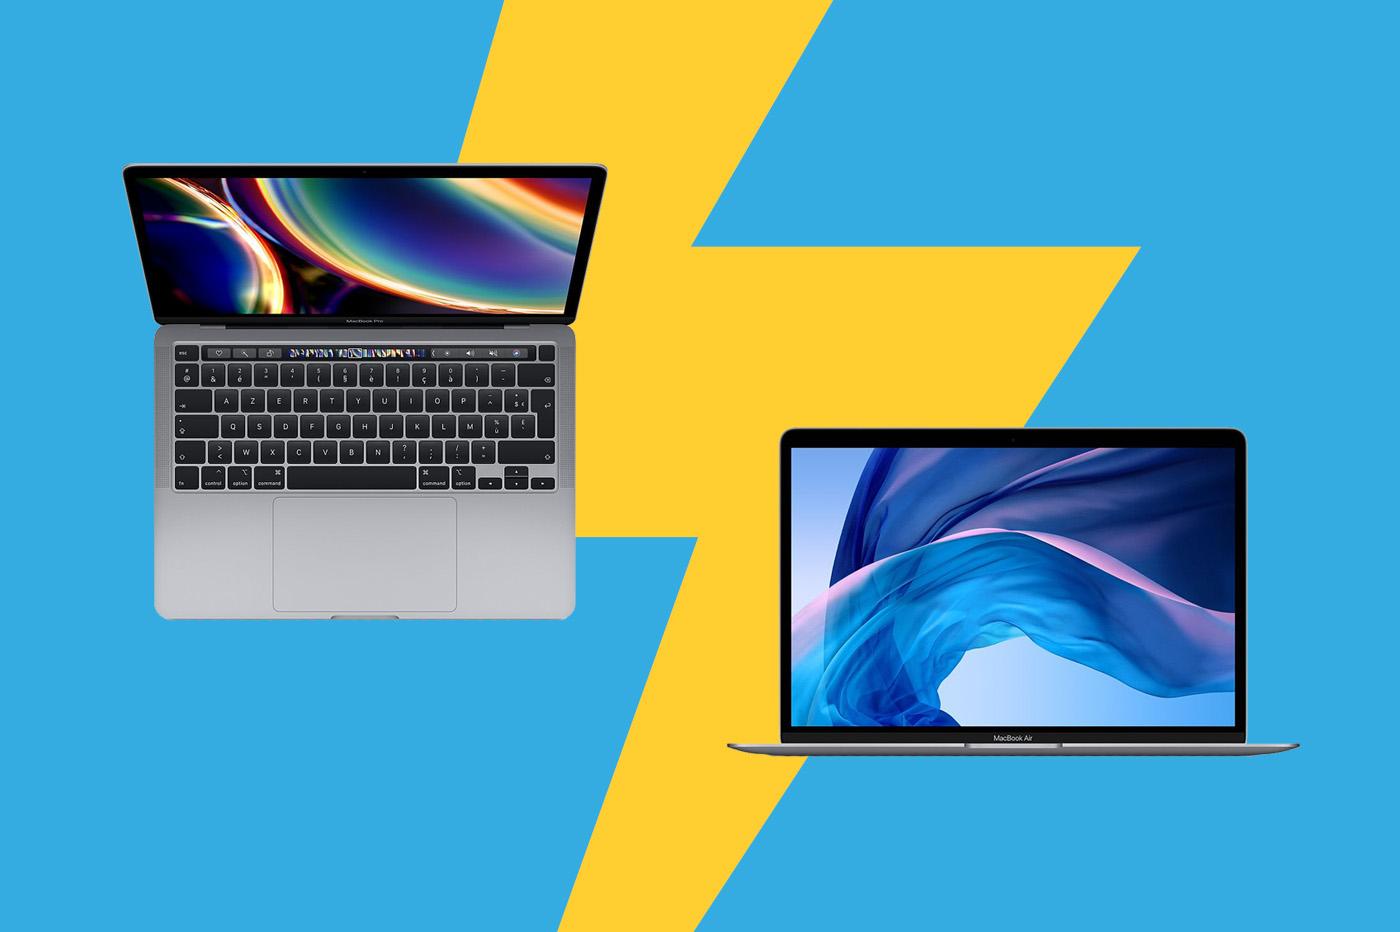 MacBook Pro 13 pouces vs MacBook Air